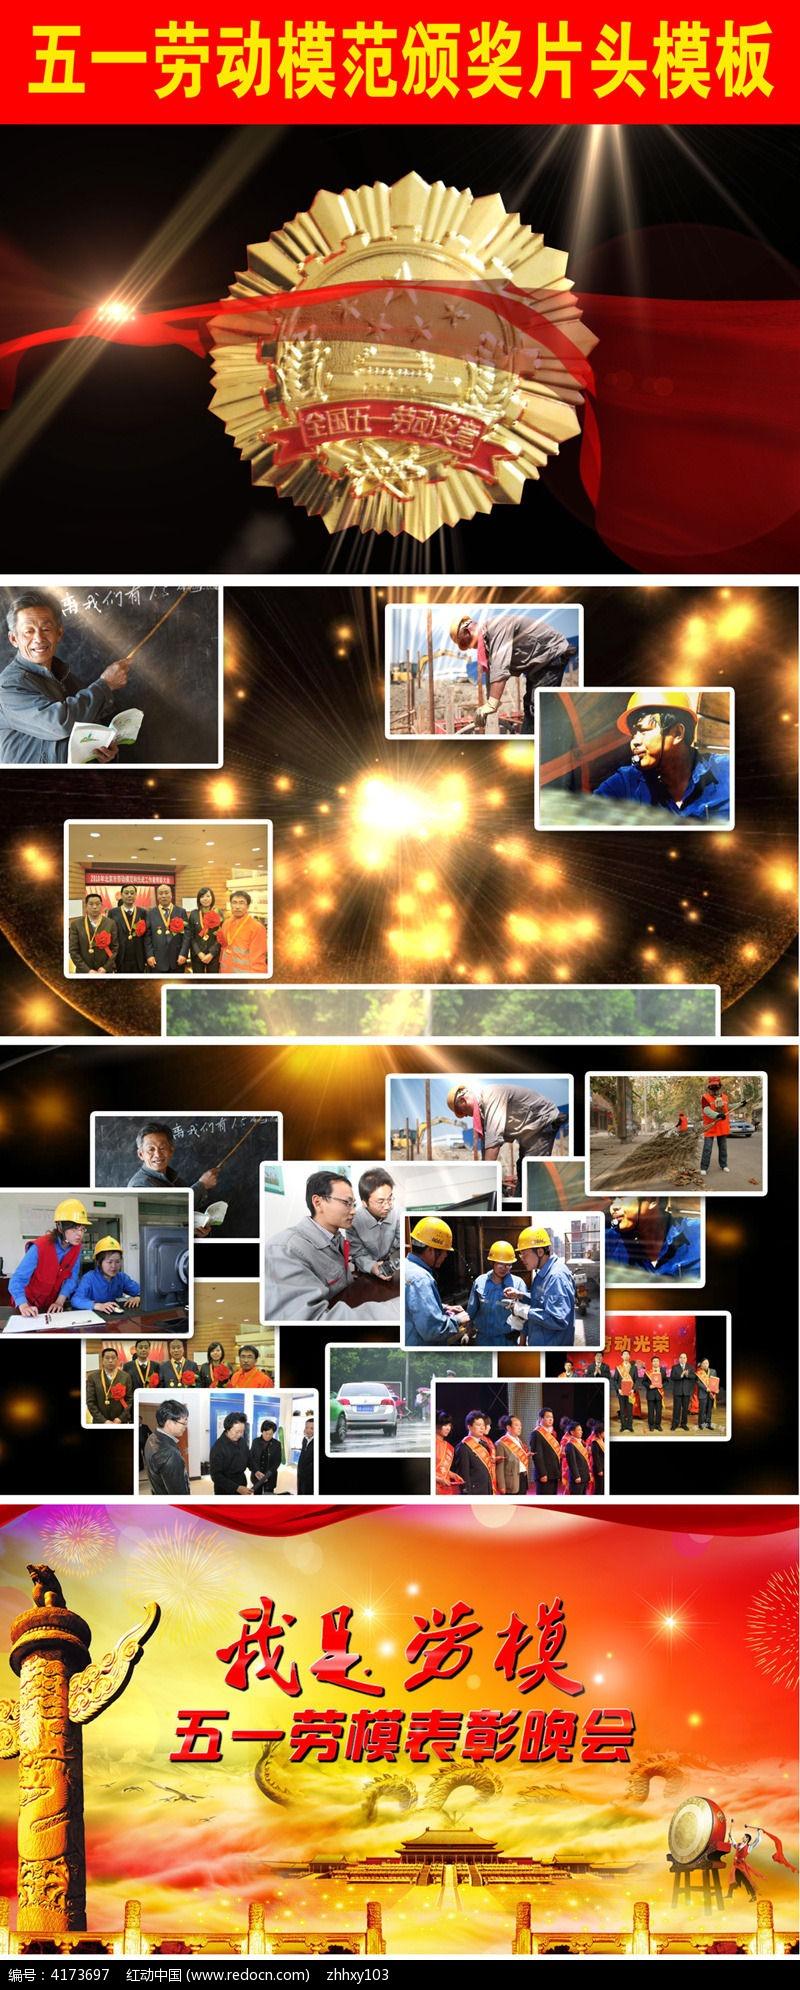 五一劳动模范颁奖片头视频AE模板下载图片